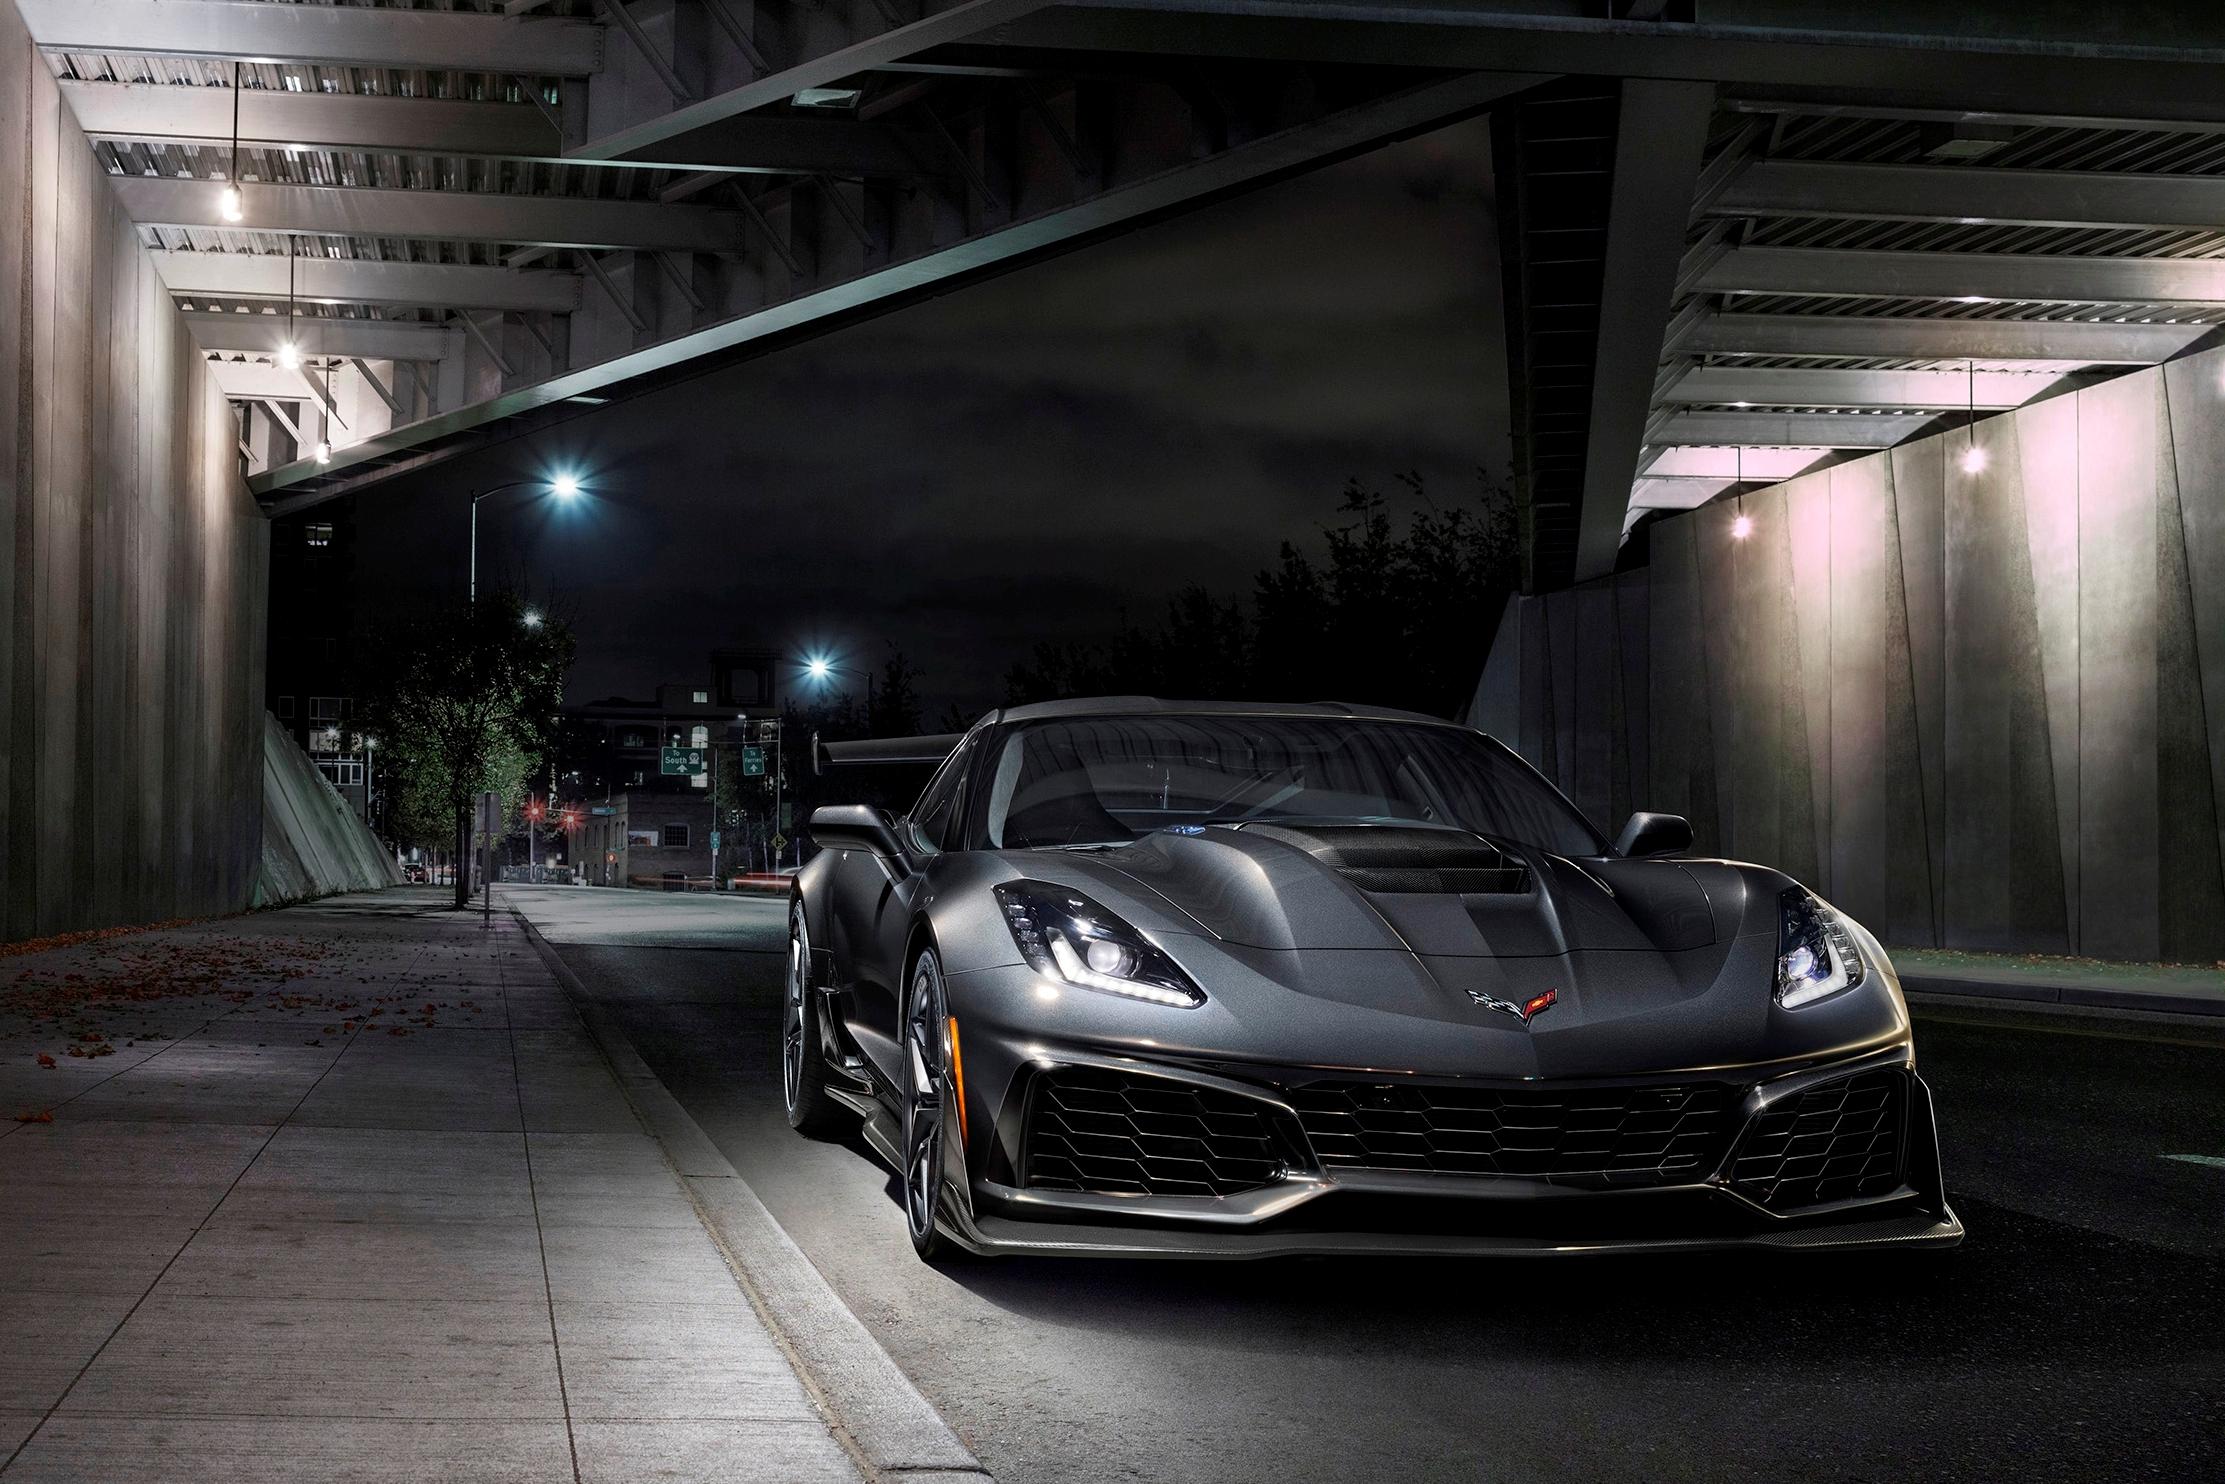 2019-Chevrolet-Corvette-ZR1-BLACKLIST-(19).jpg